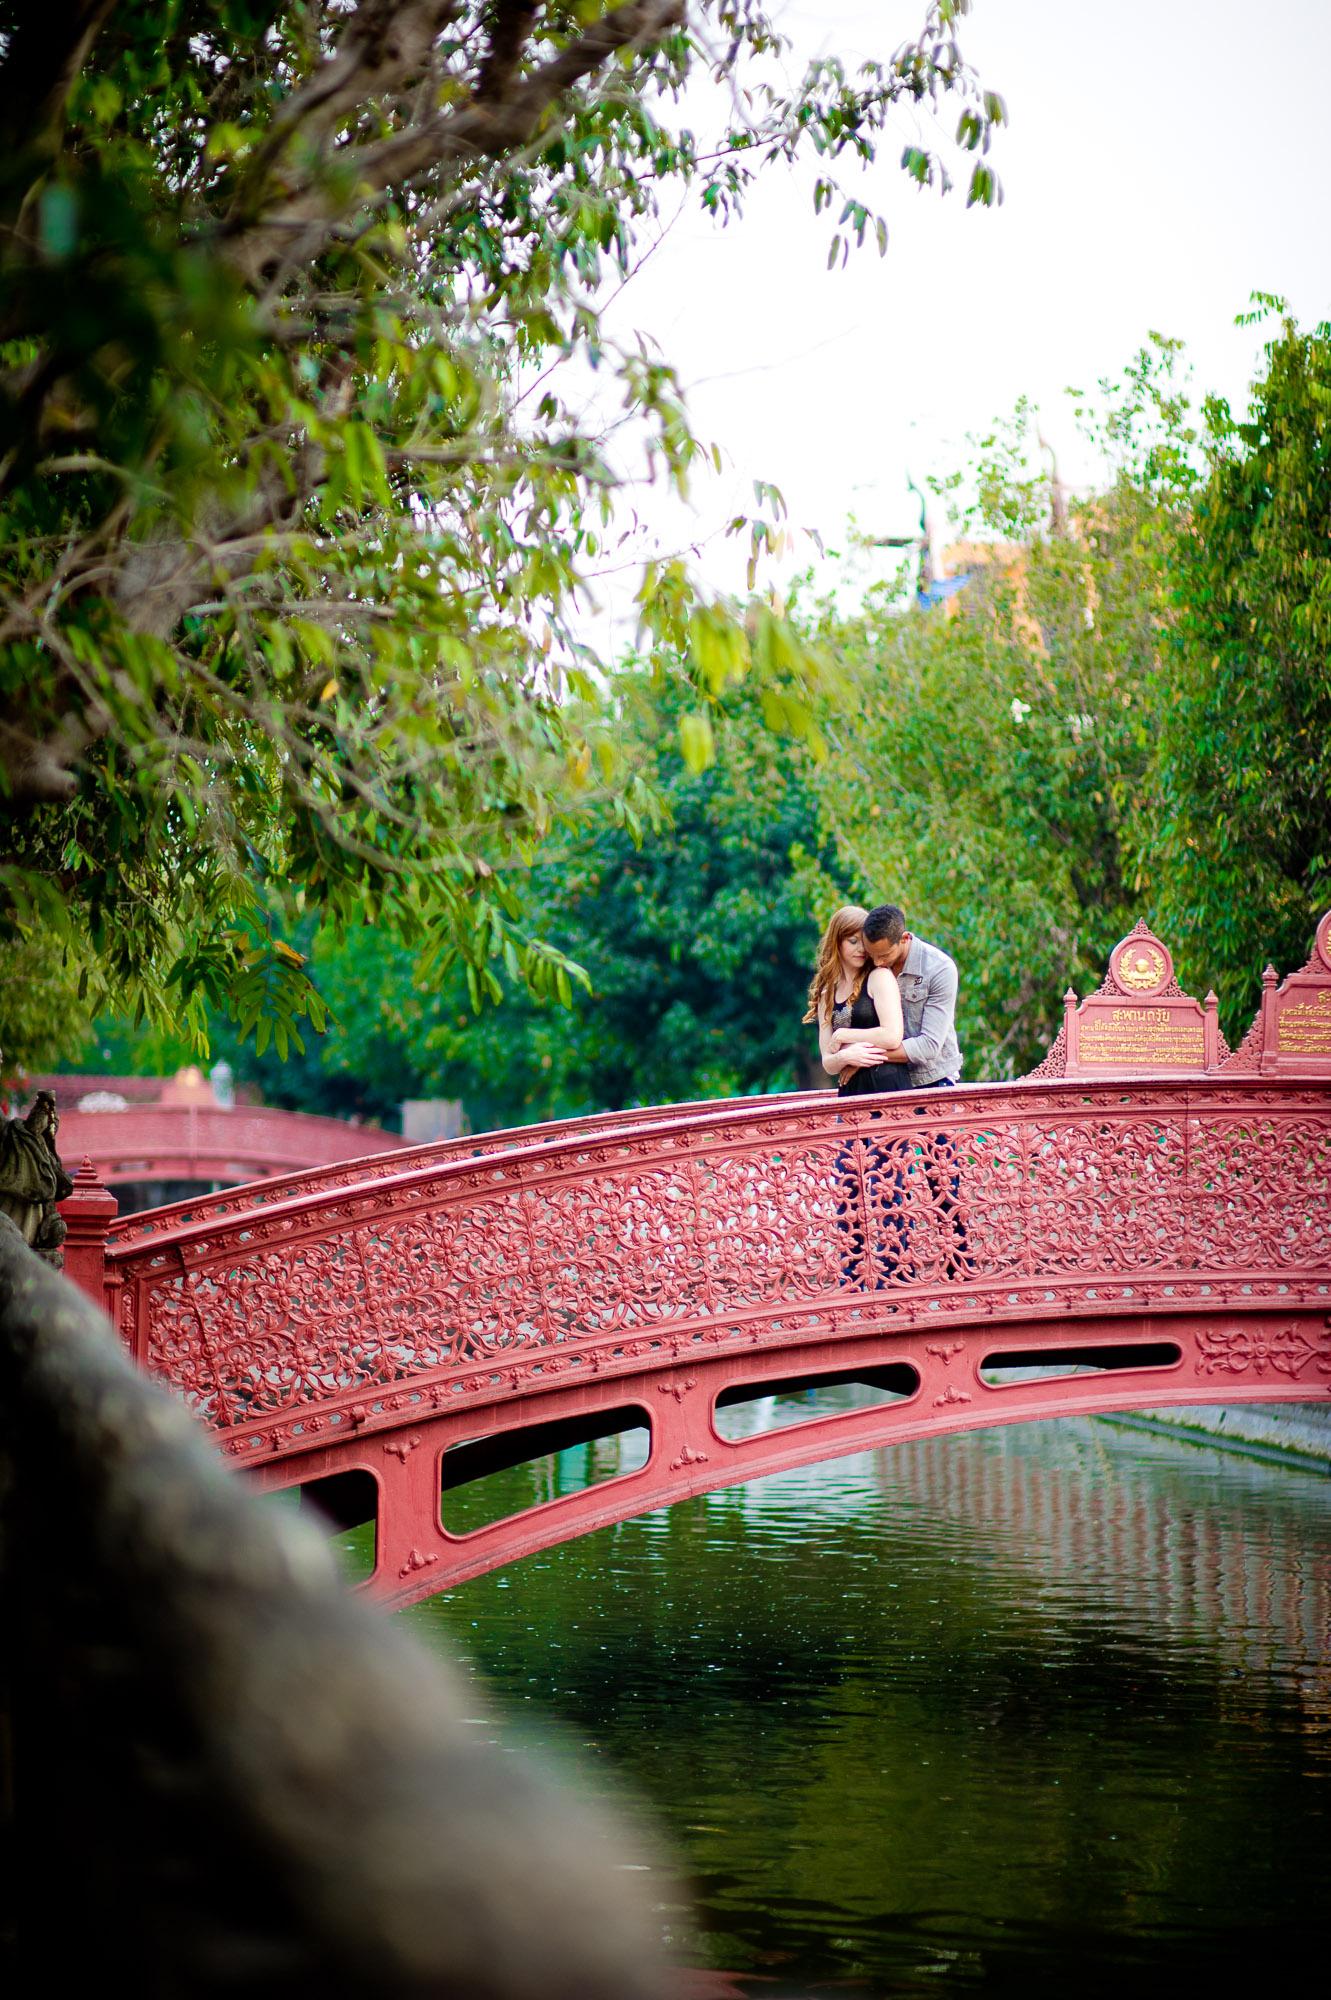 Bangkok Engagement Session | ภาพคู่แต่งงาน ถ่ายในกรุงเทพ